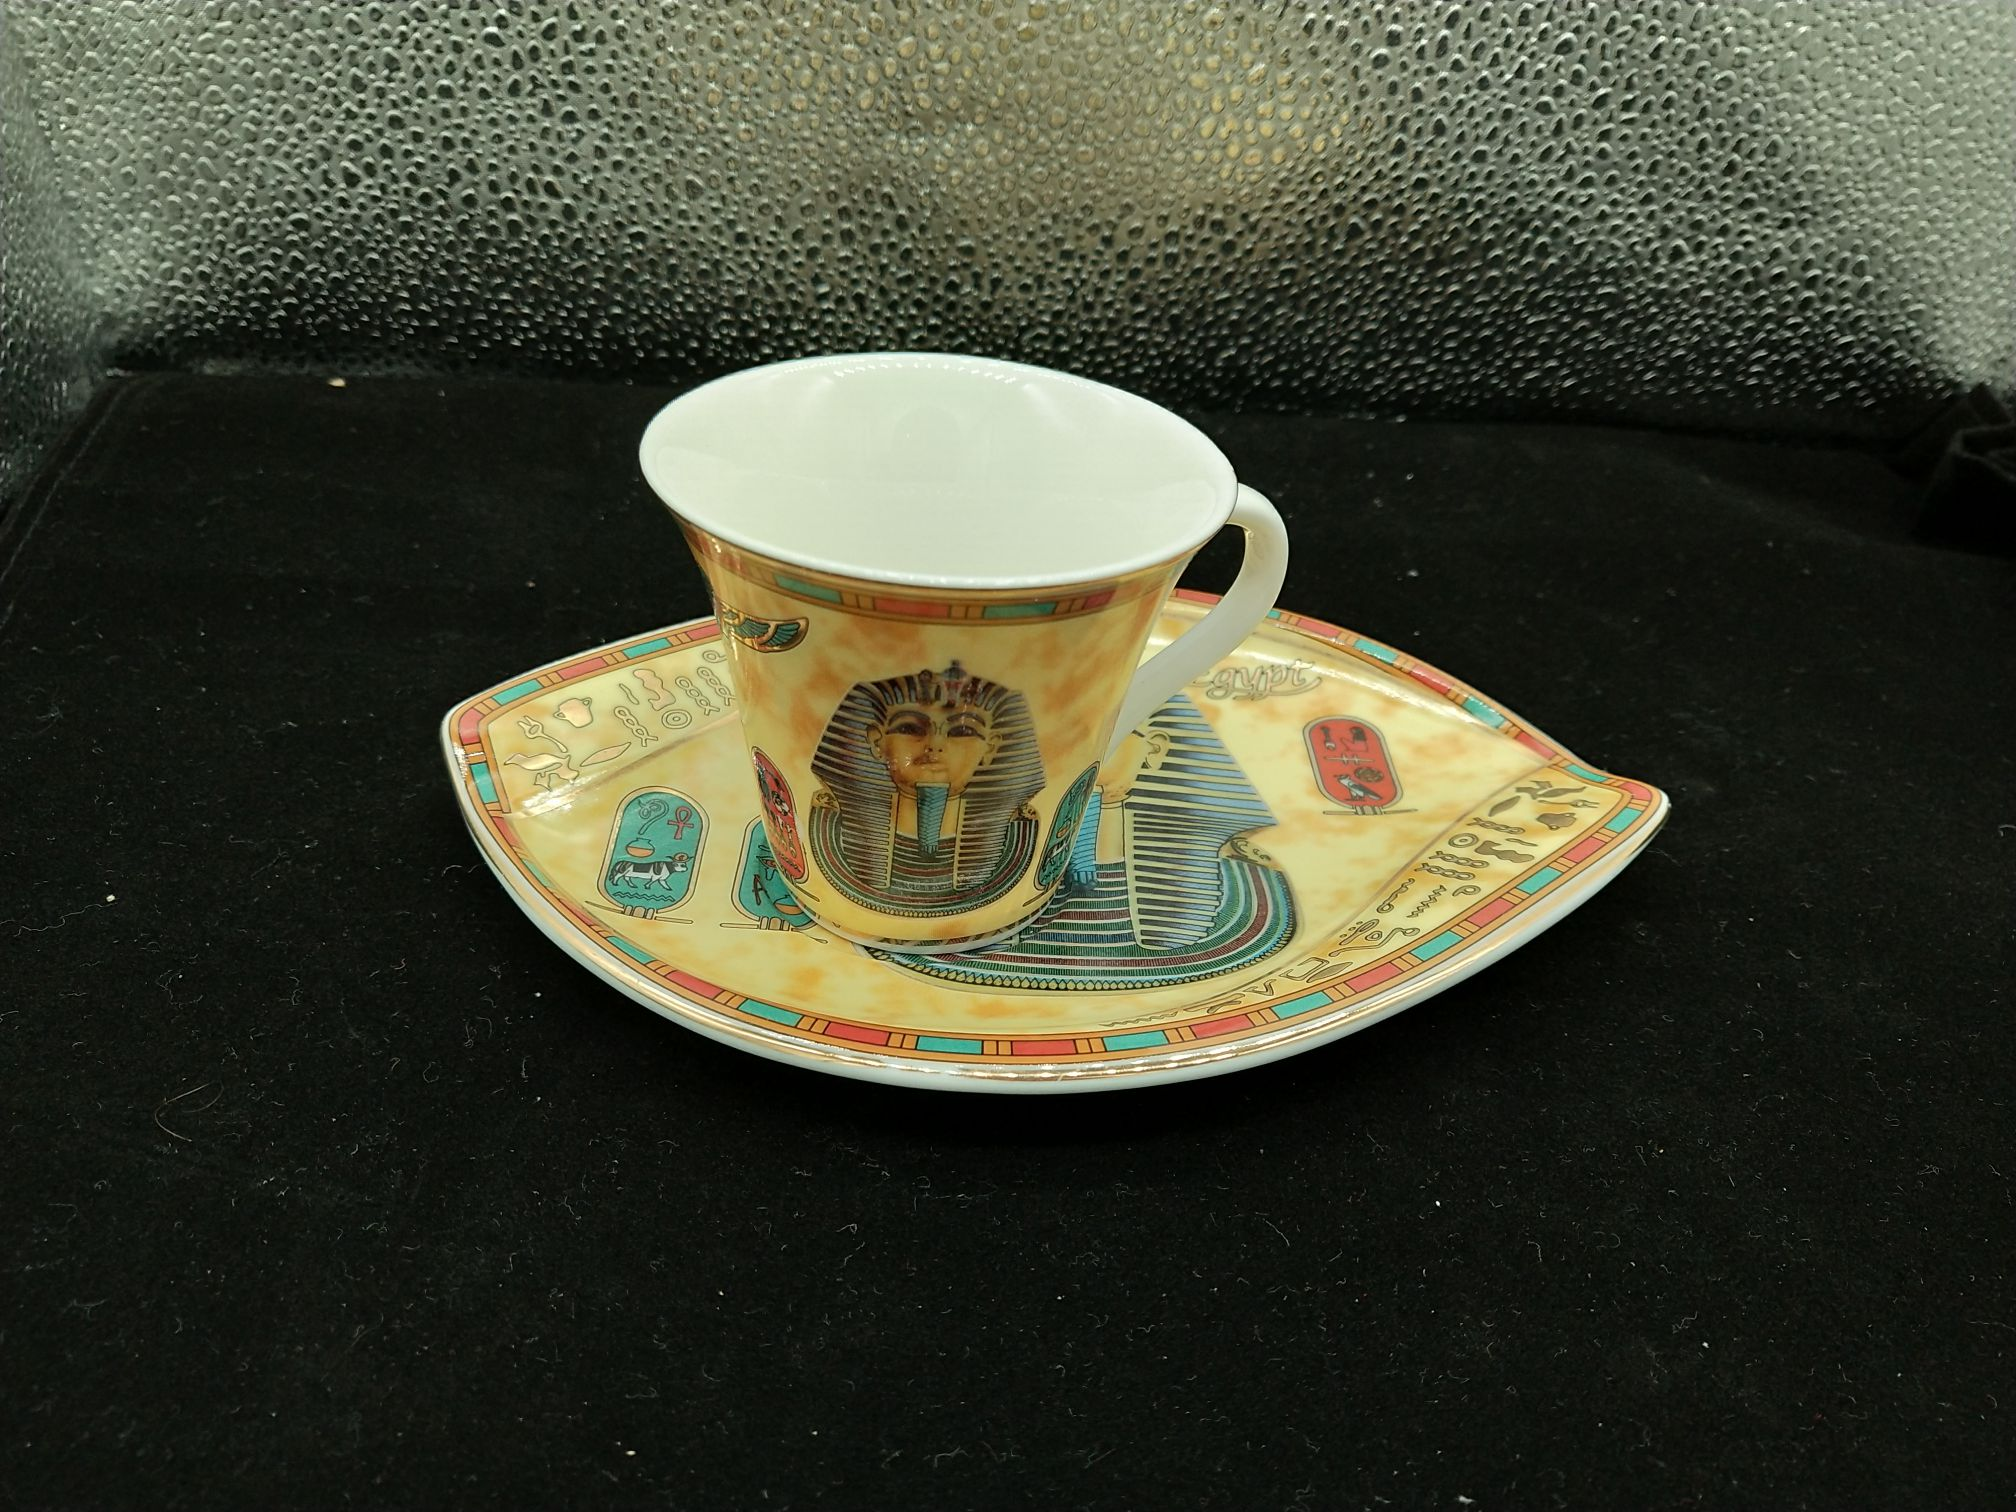 Гарантированное египетское производство. полностью новый Тутка, Египет дверь стиль Кофе ( красный Чай) чашка + блюдце, набор из 49 юаней